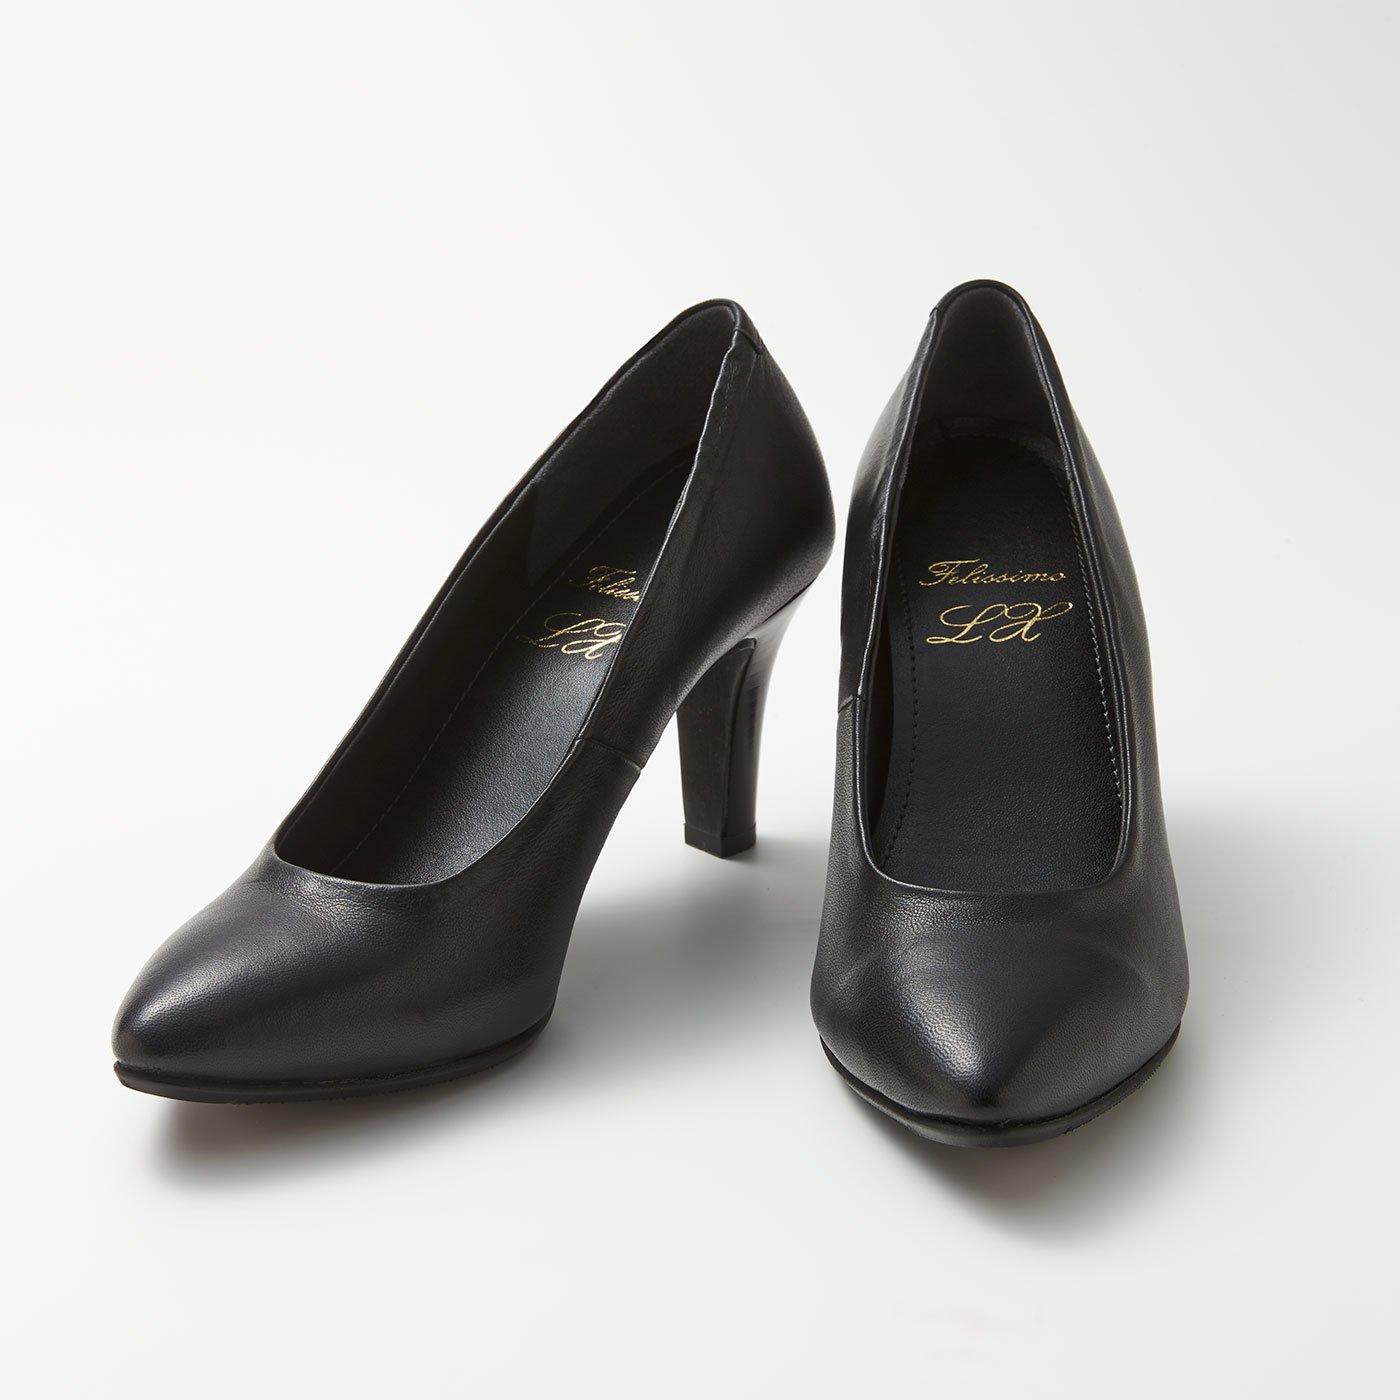 LX 3点サポートで美姿 毎日履きたくなる究極のハイヒール〈ブラック〉